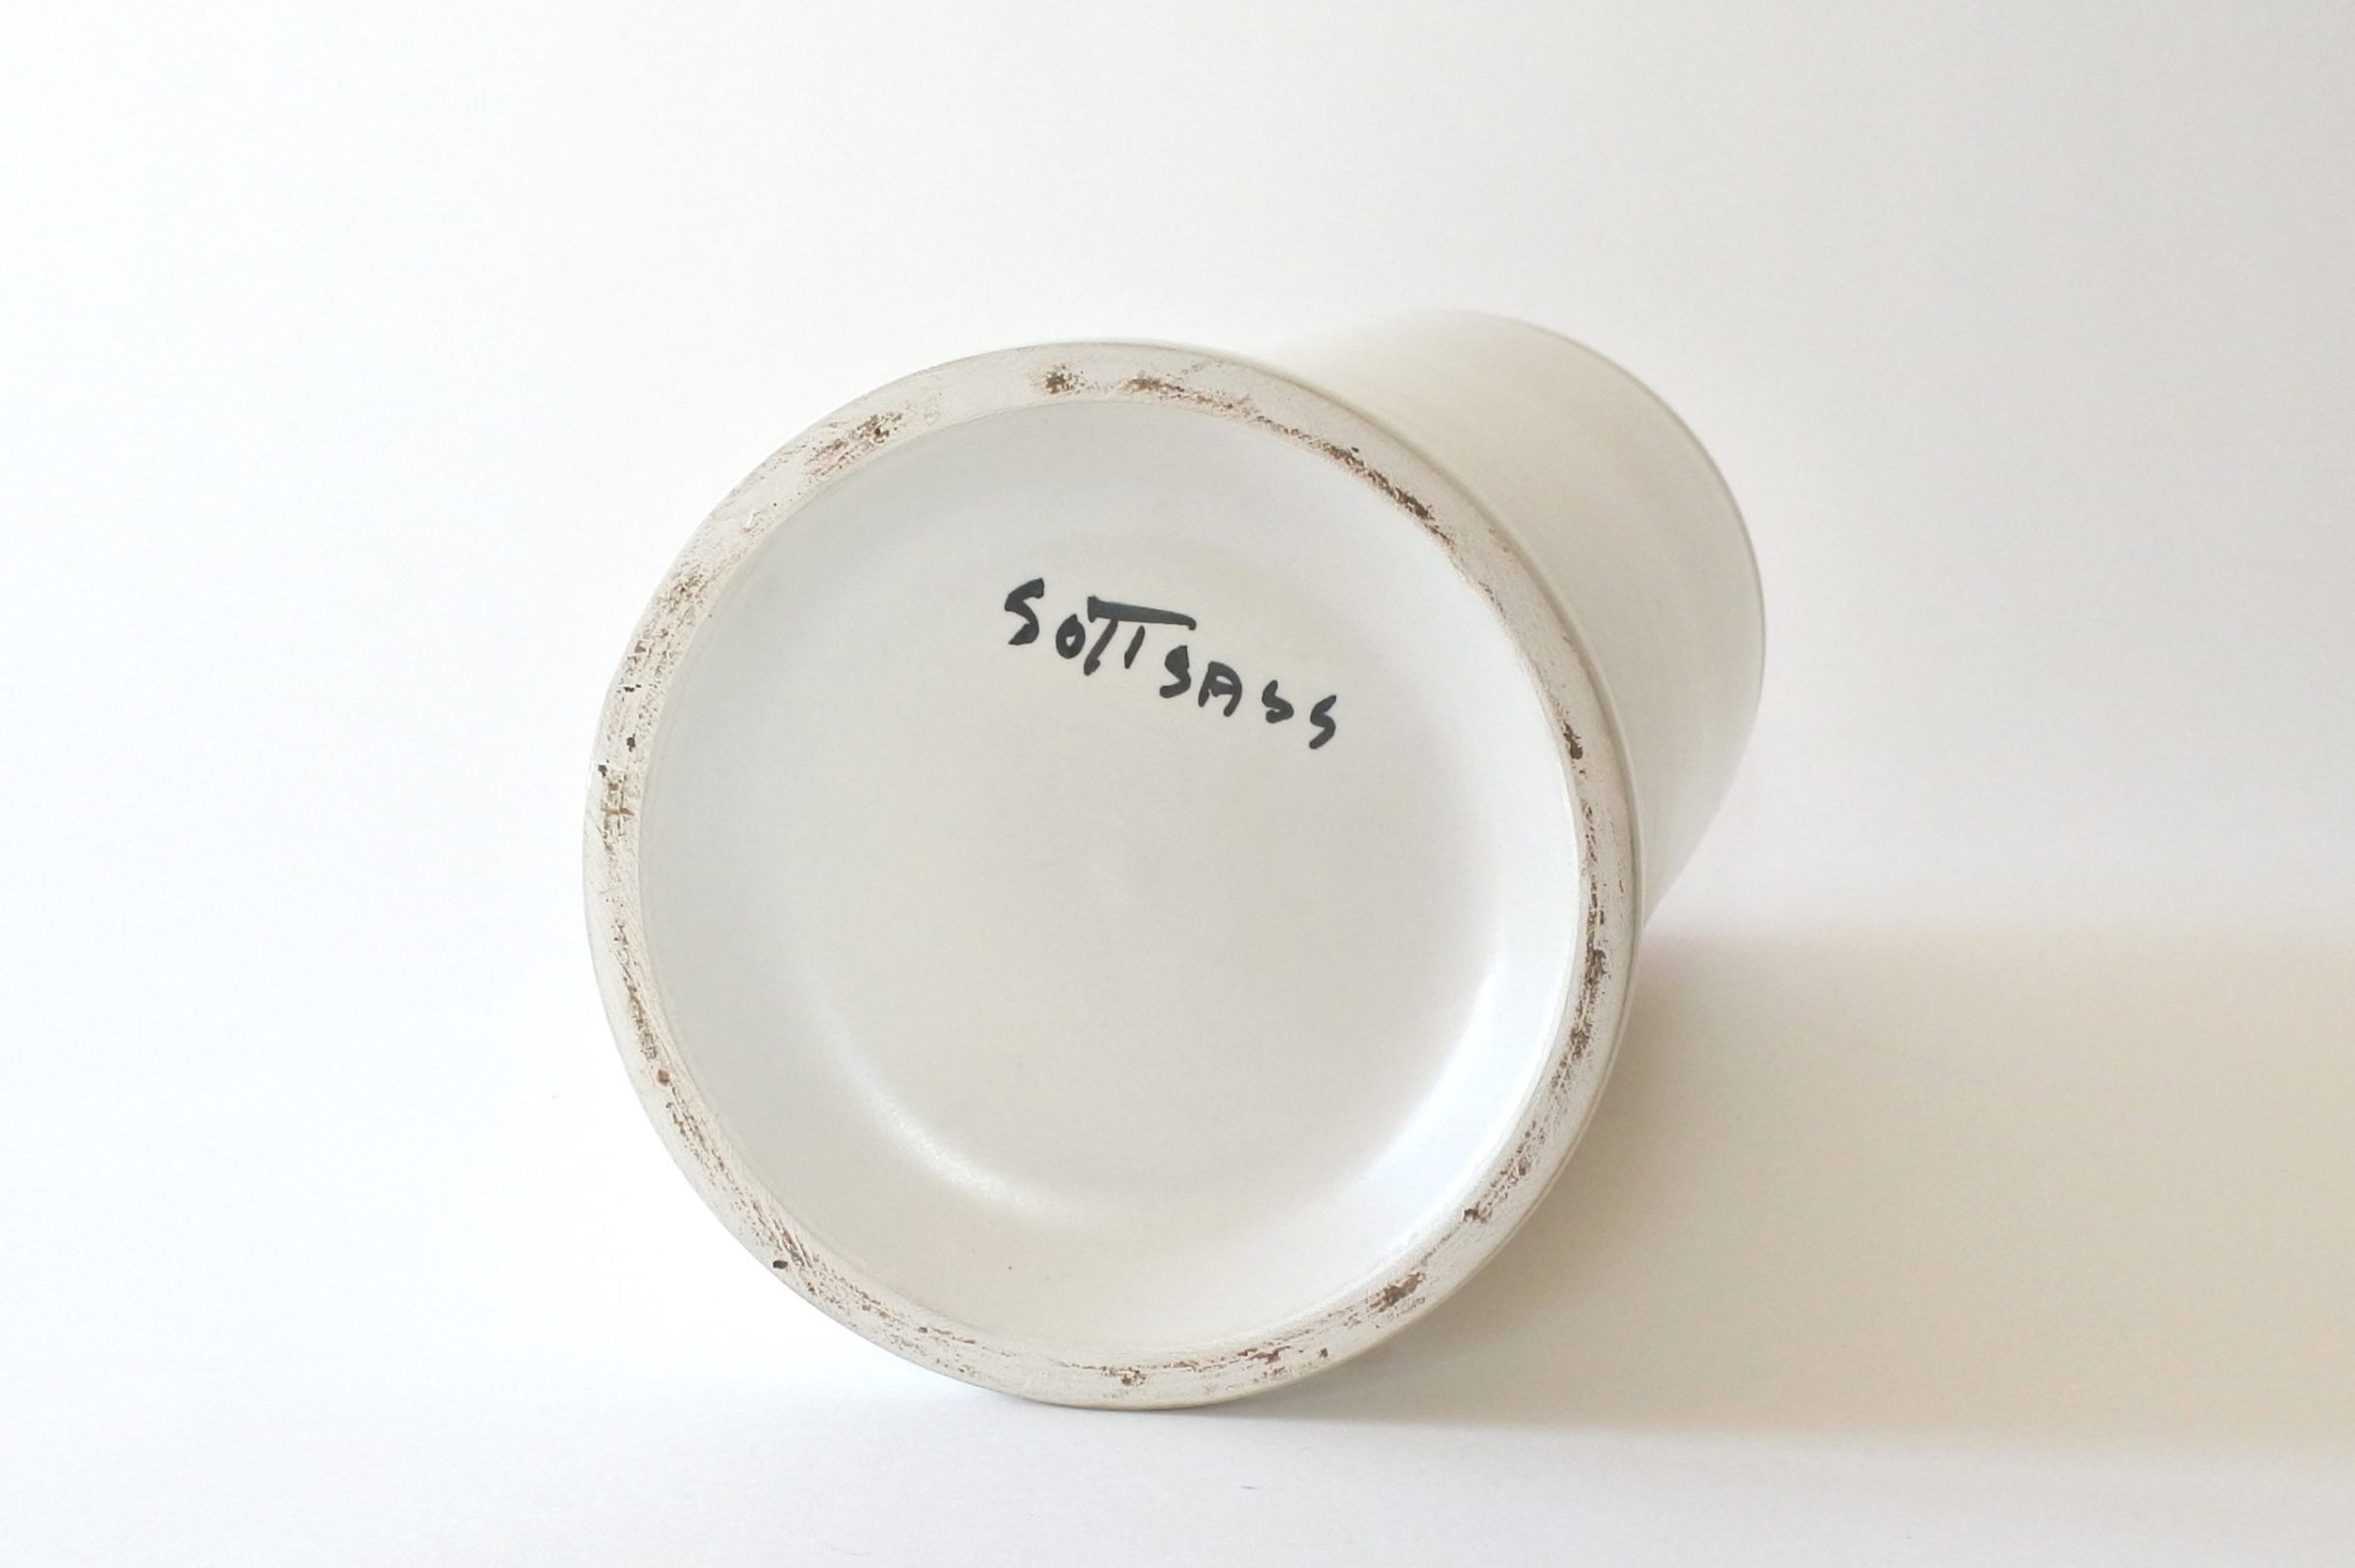 Vaso Bolo in ceramica bianca - Ettore Sottsass per ceramiche Bitossi - 3